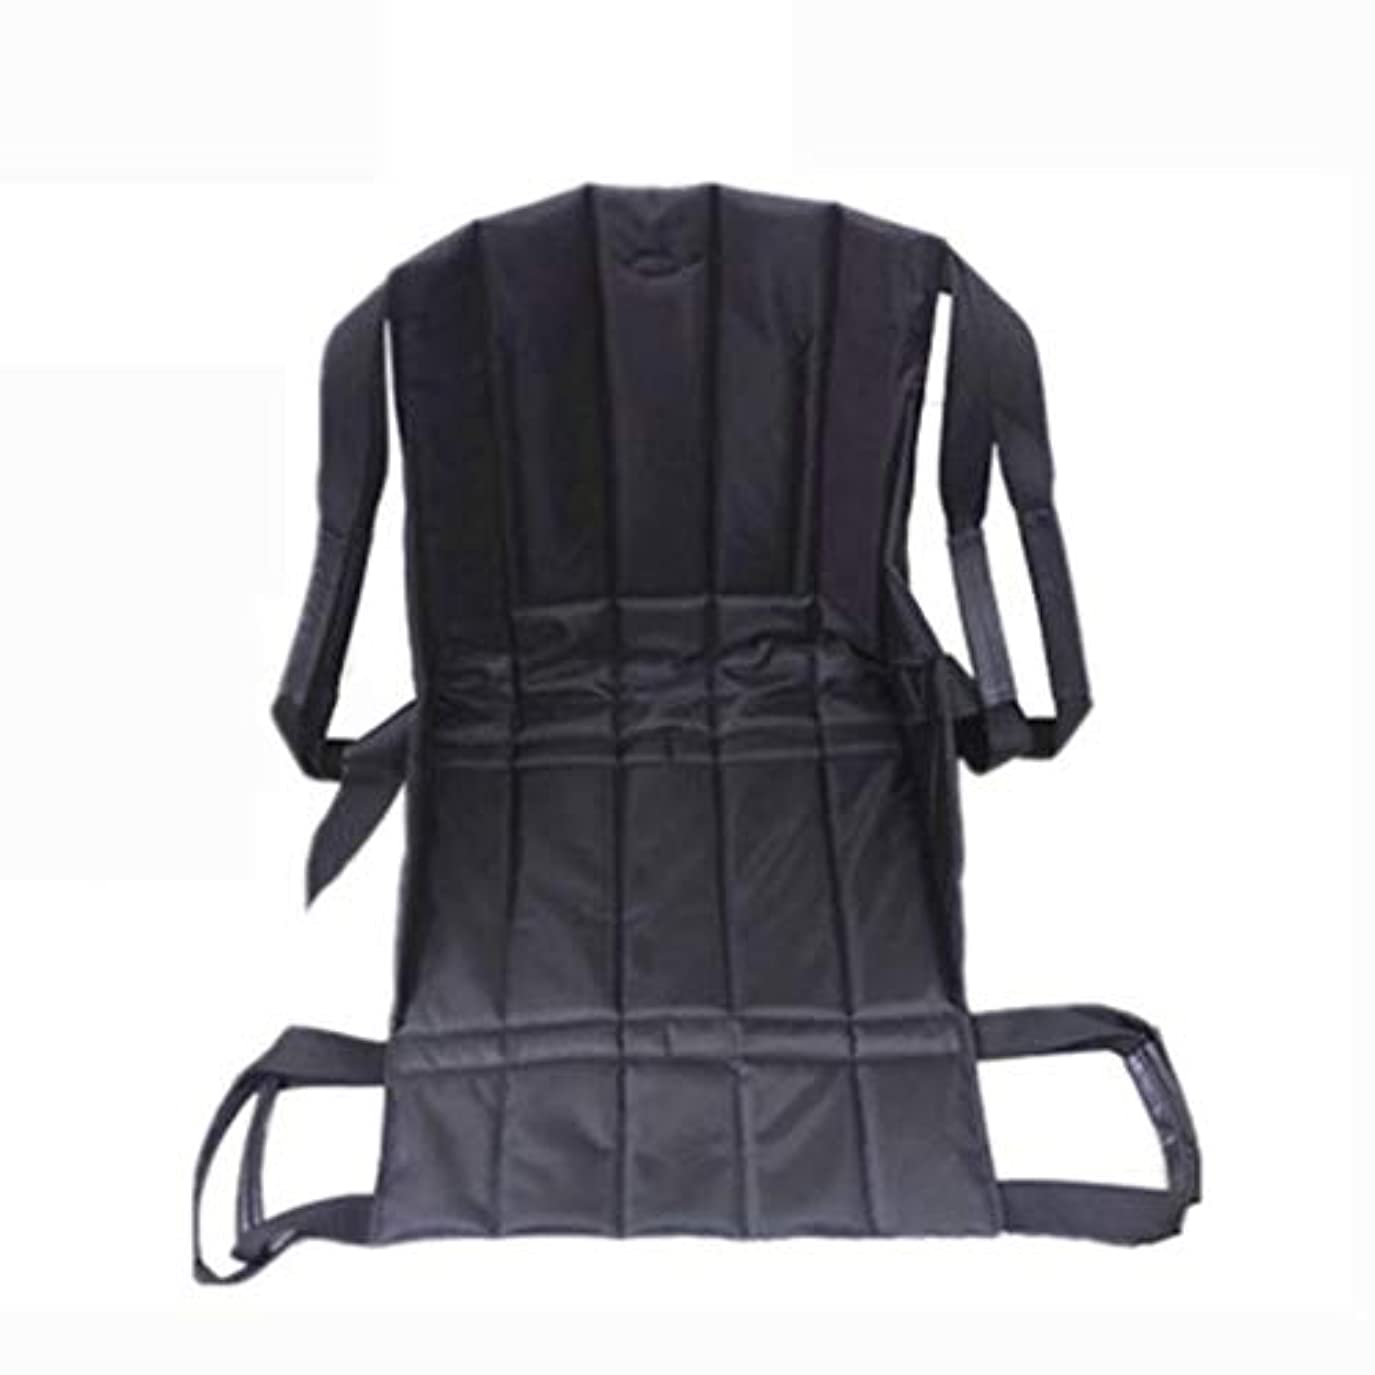 タイト現象複合患者リフト階段スライドボード移動緊急避難用椅子車椅子シートベルト安全全身医療用リフティングスリングスライディング移動ディスク使用高齢者用